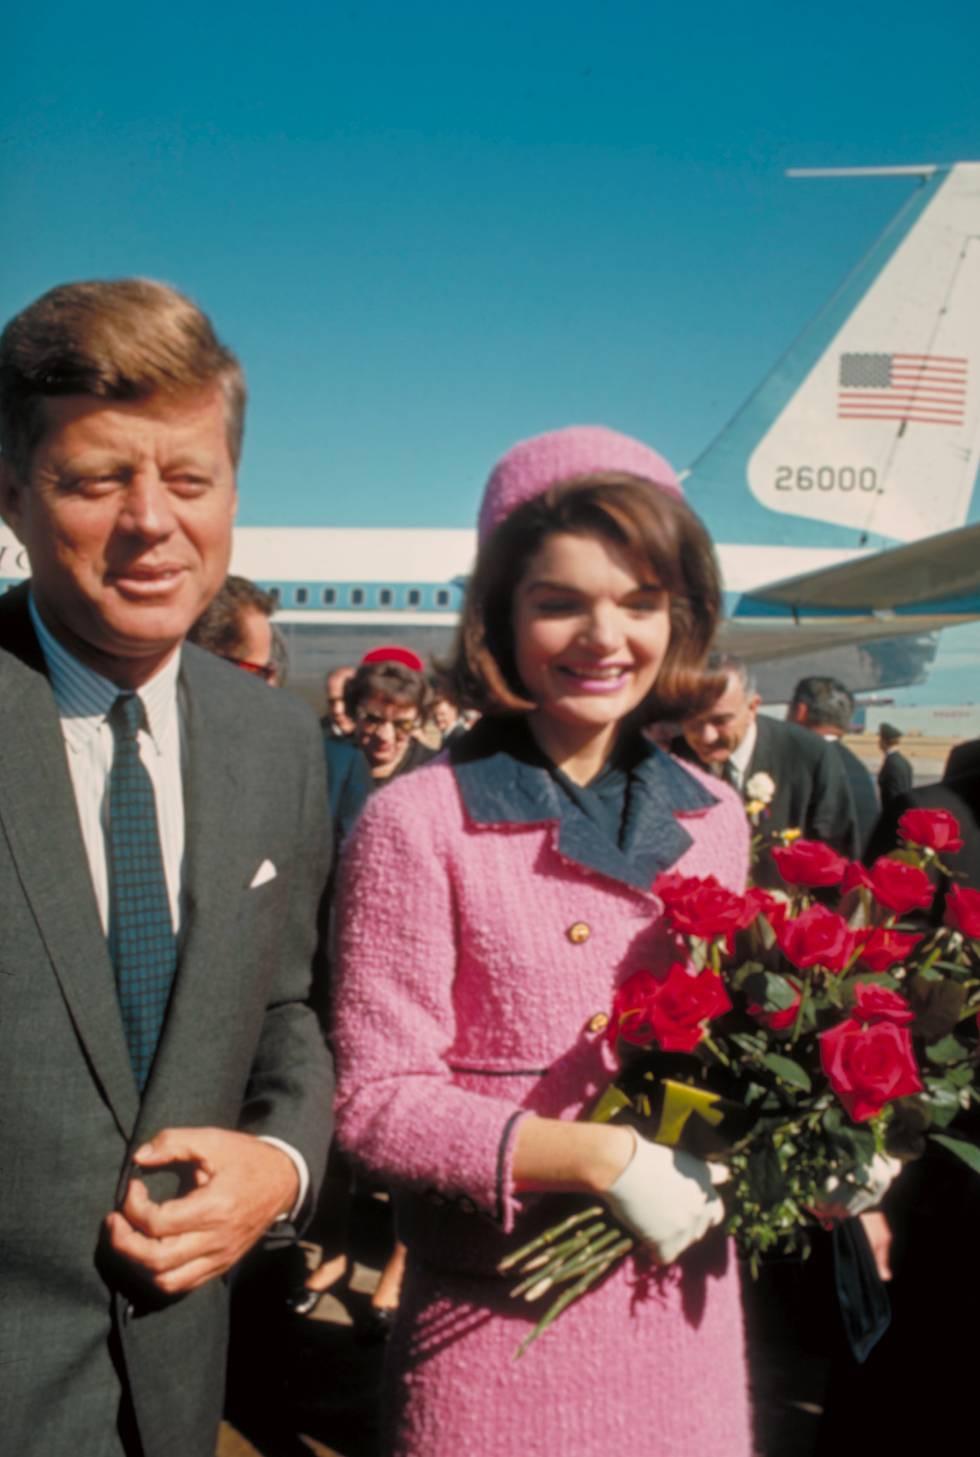 ¿El matrimonio perfecto? Años después de su muerte se desvelaron las continuas infidelidades de John Fitzgerald Kennedy a su esposa, Jackie Kennedy. En la imagen los dos llegan al aeropuerto de Dallas justo el día en que él murió tiroteado en 1963.